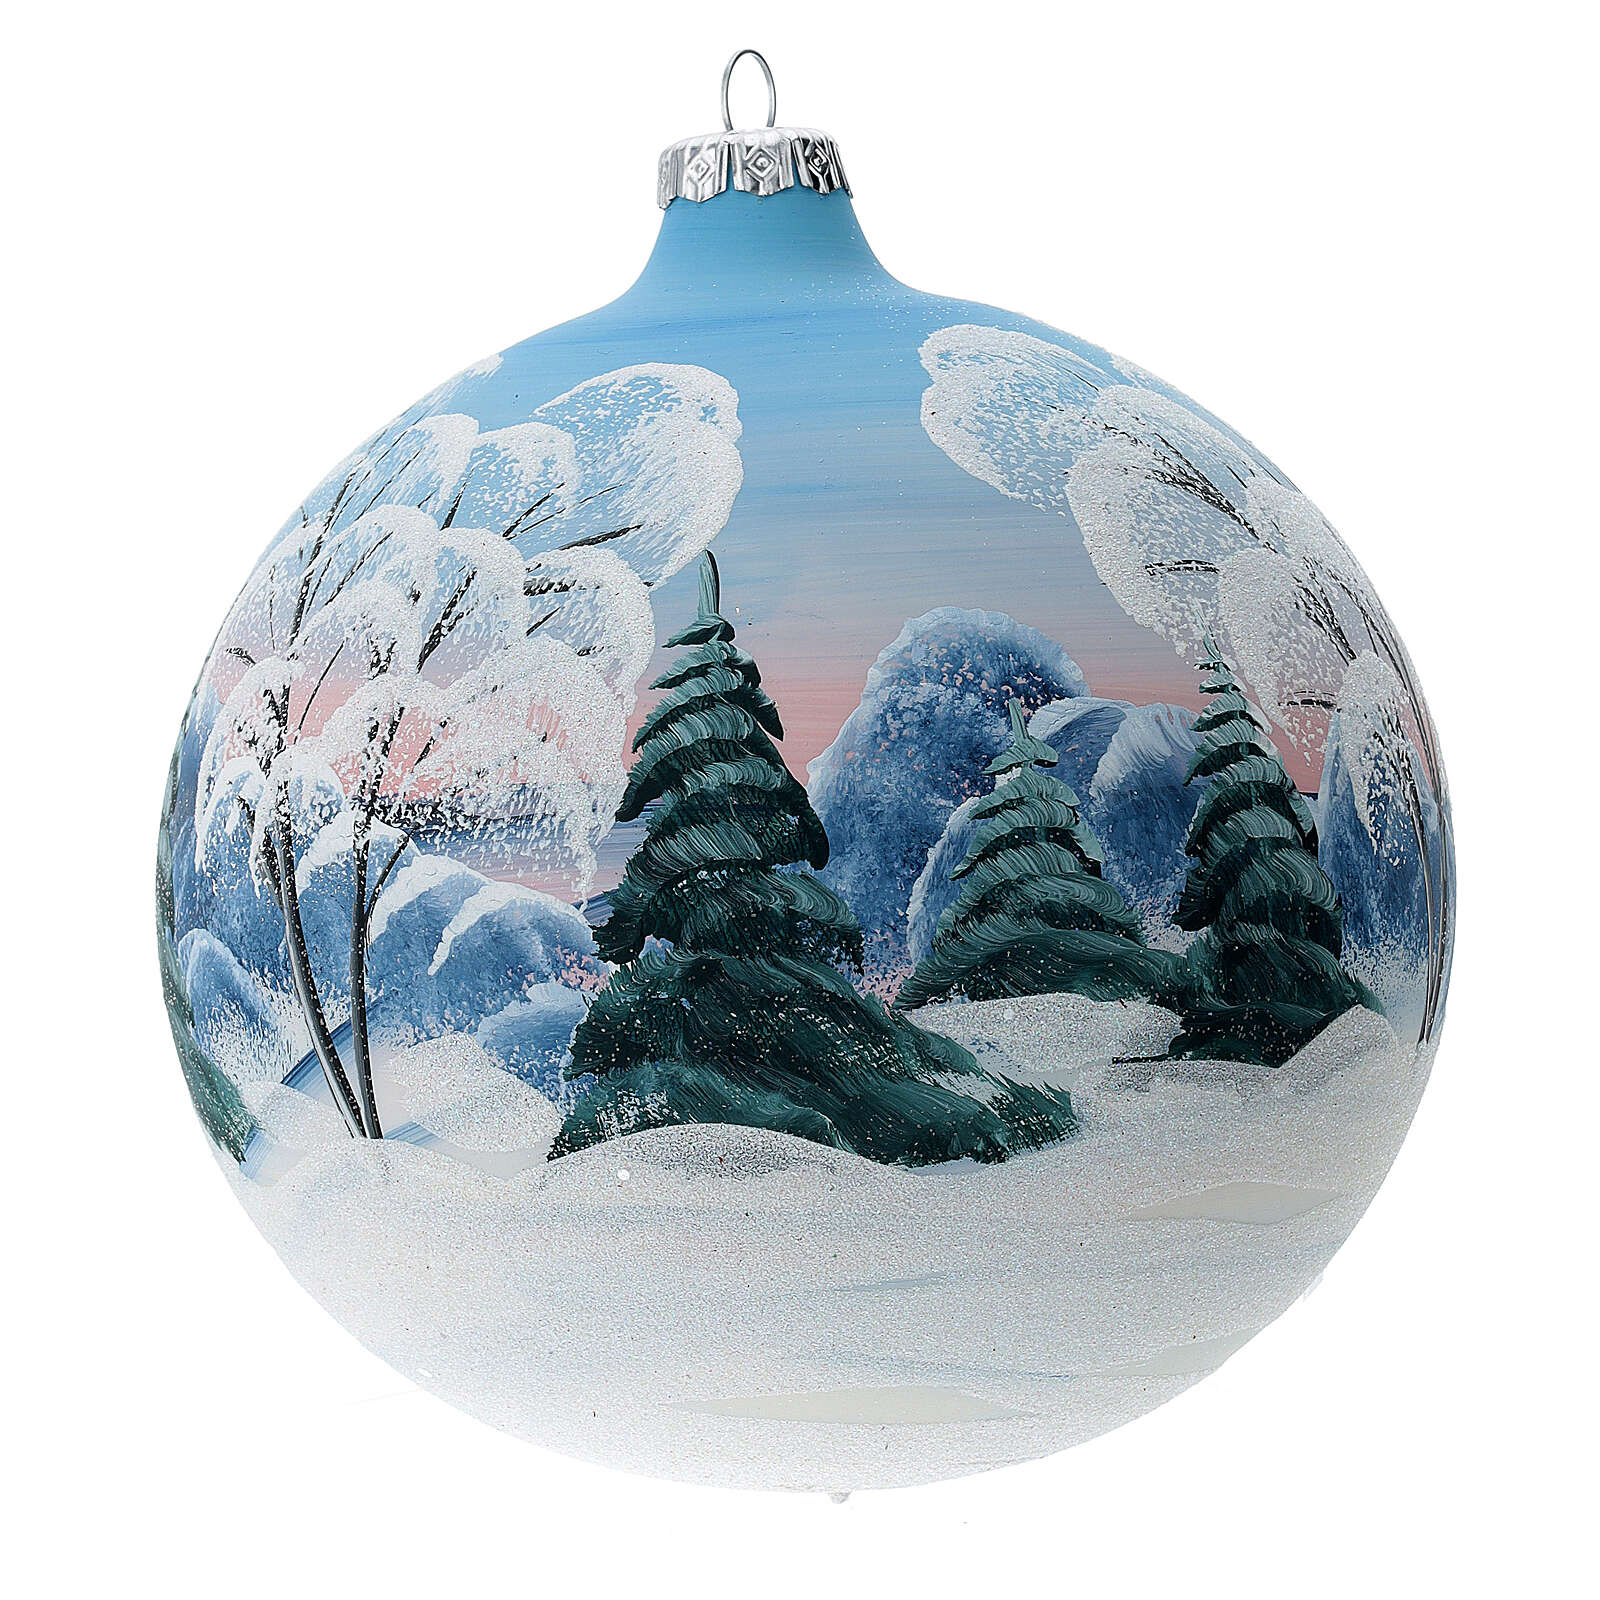 Weihnachtskugel aus Glas bemalt Motiv schneebedeckte Sennhütte 150 mm 4